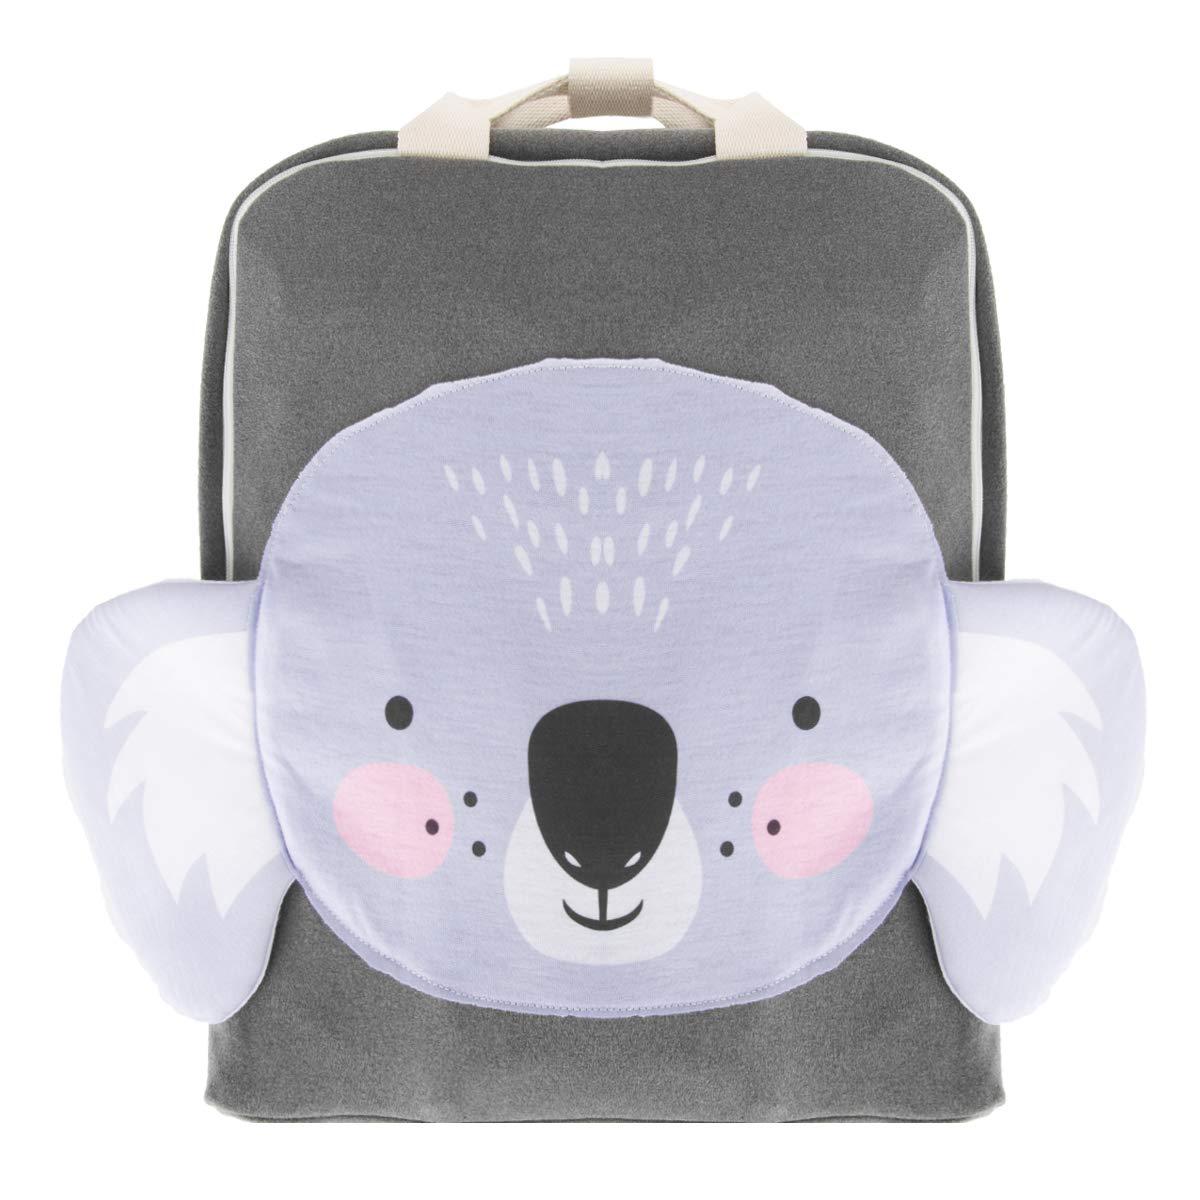 Ruiqas dise/ño de animales mariposa para ni/ños de 0 a 3 a/ños Koala Mochila para beb/é